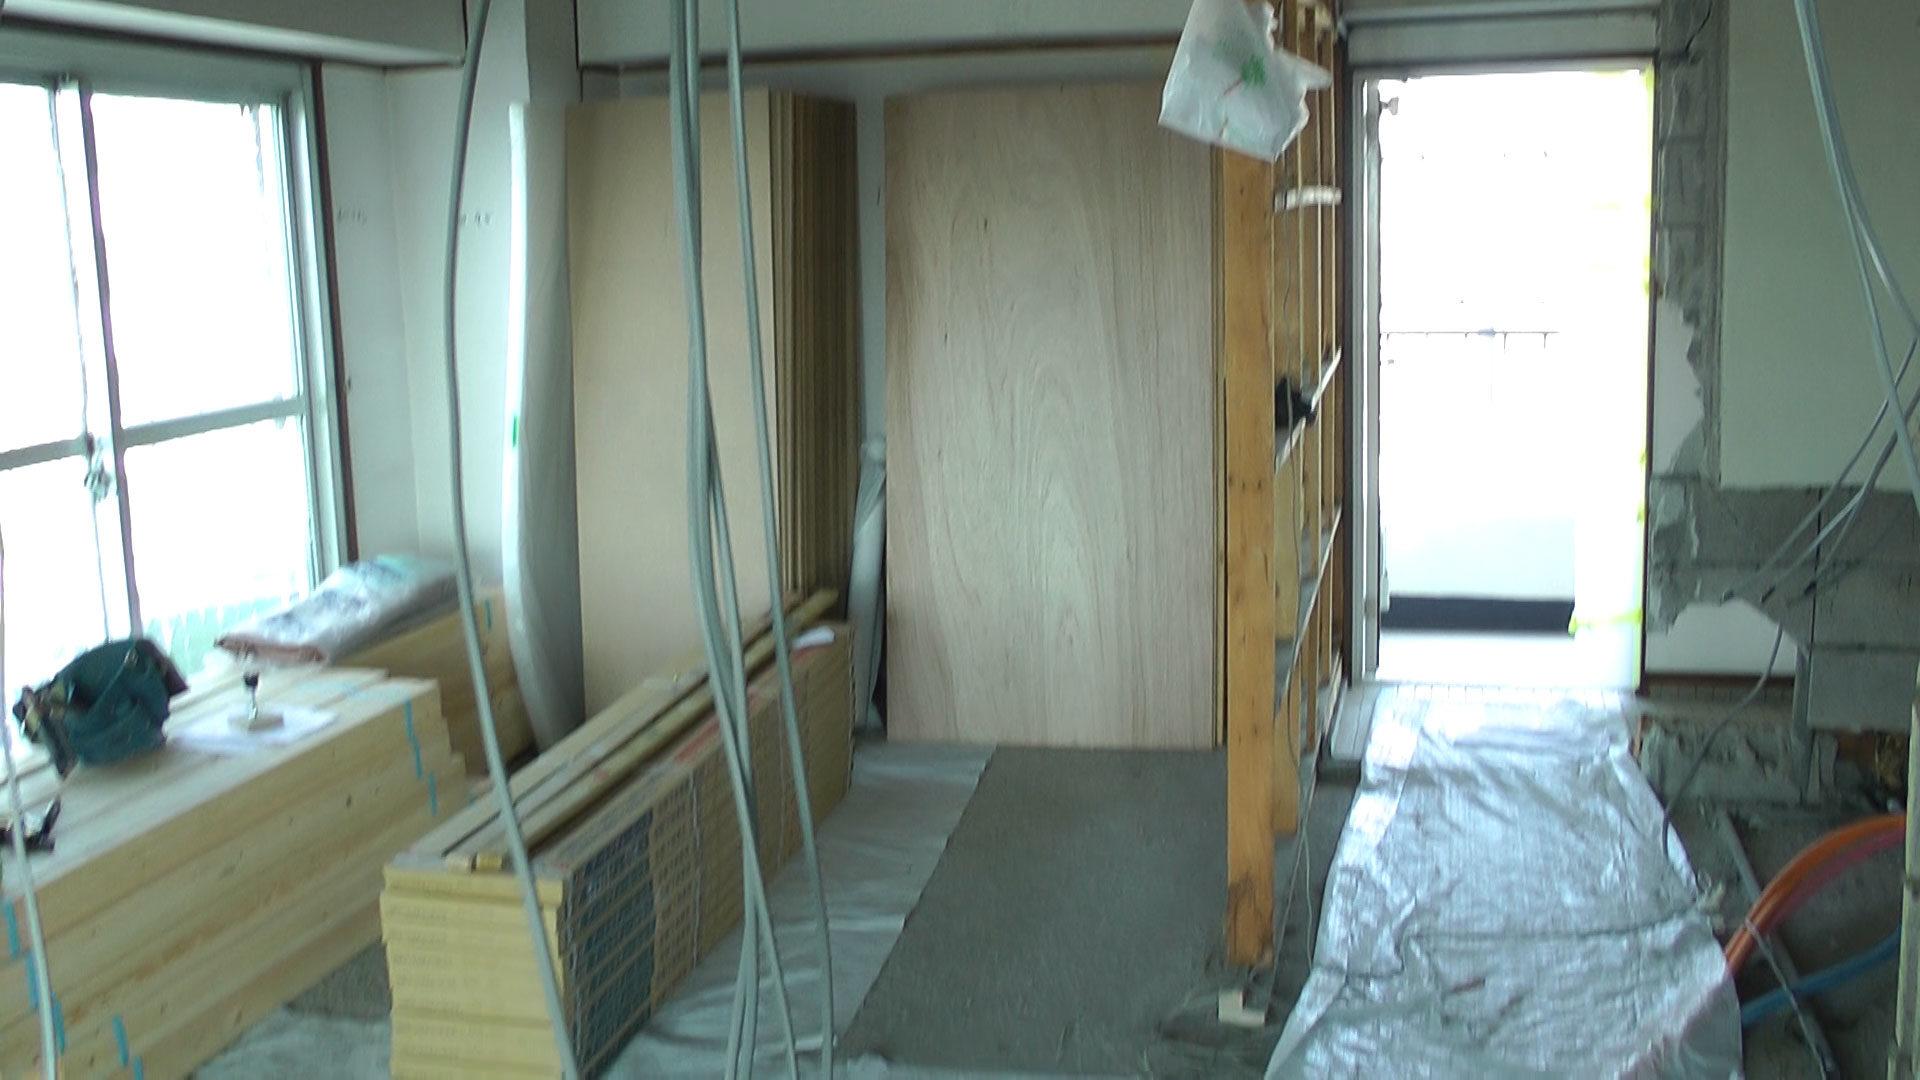 2017年05月30日空間(室内?)の真ん中あたりに立った玄関側